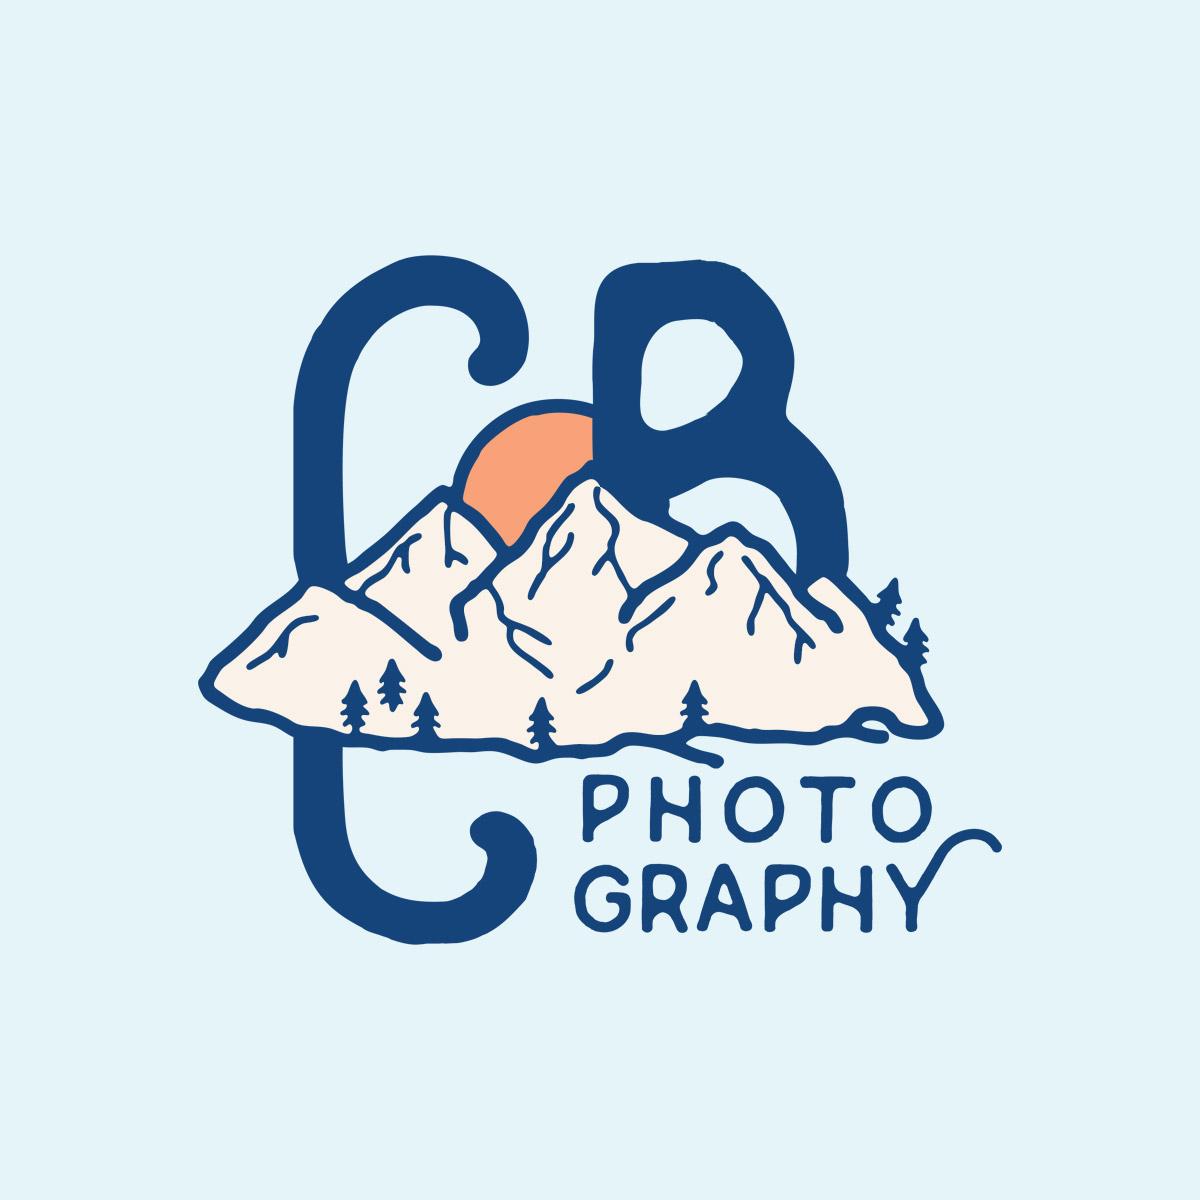 CB-01.jpg